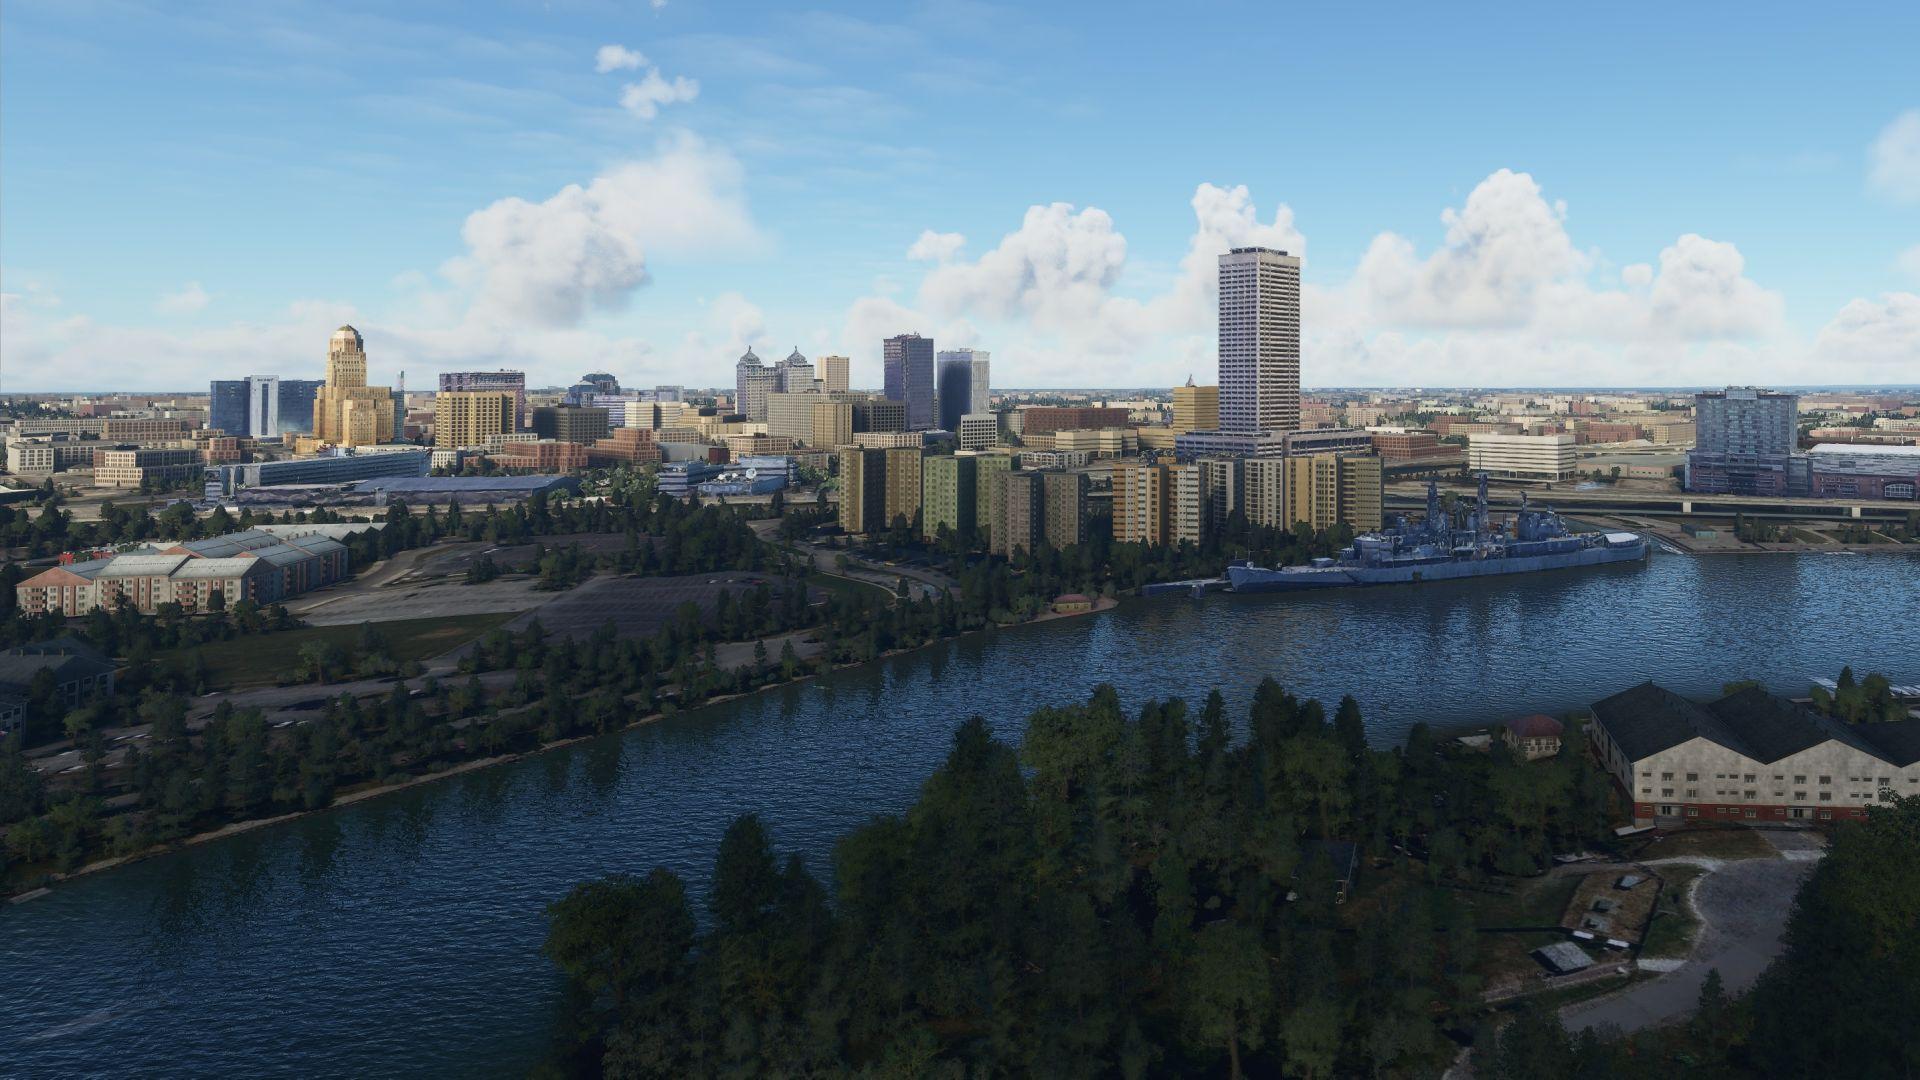 Una captura de pantalla de Microsoft Flight Simulator.  Muestra la ciudad de Buffalo, Nueva York.  El mod ha agregado edificios precisos al juego.